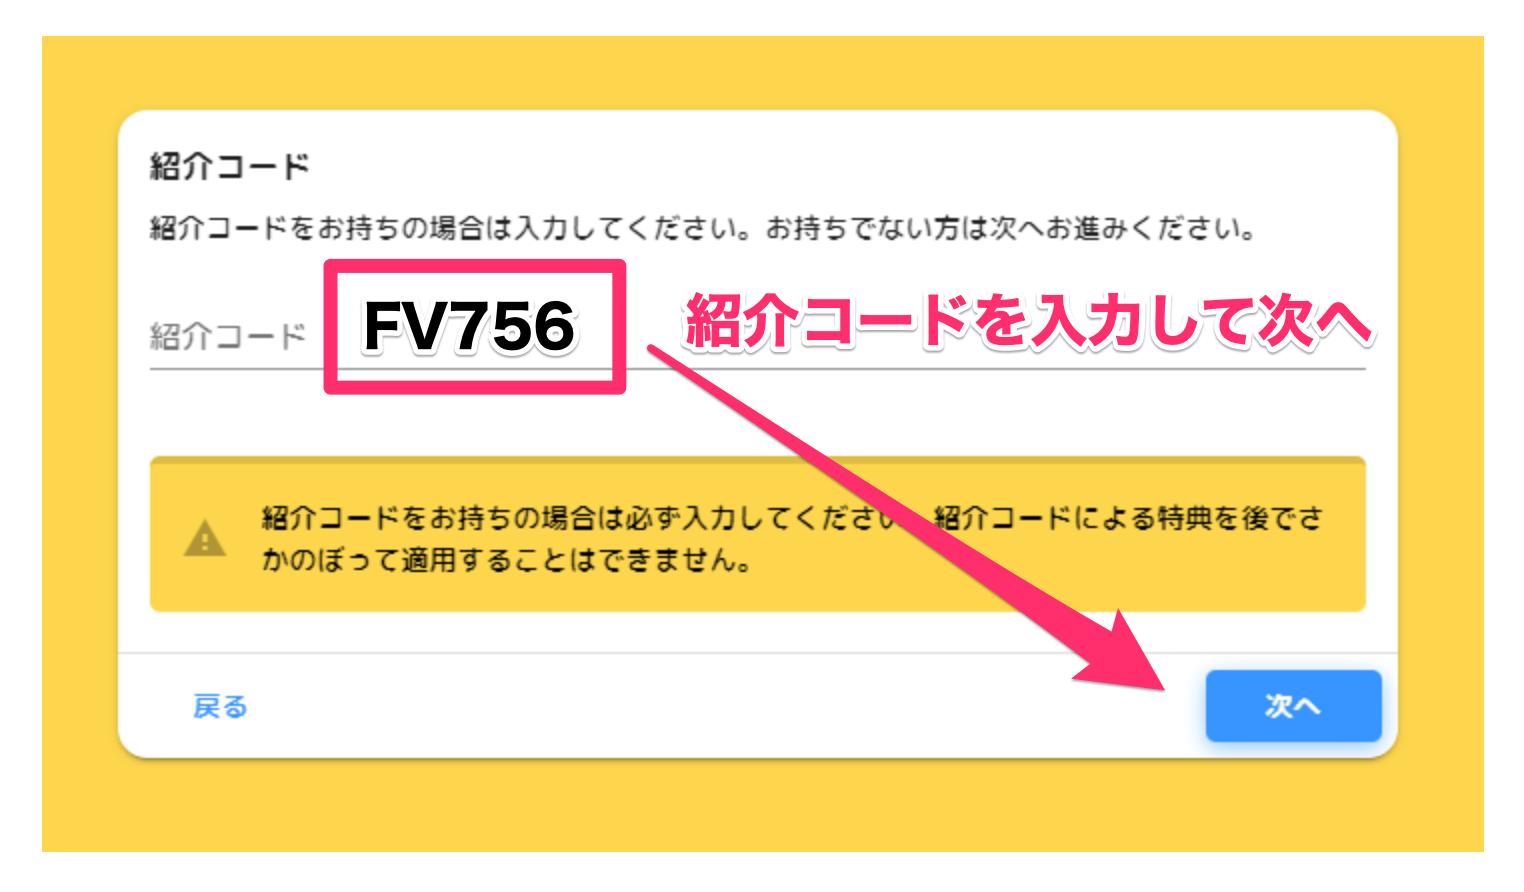 fondesk 紹介コード